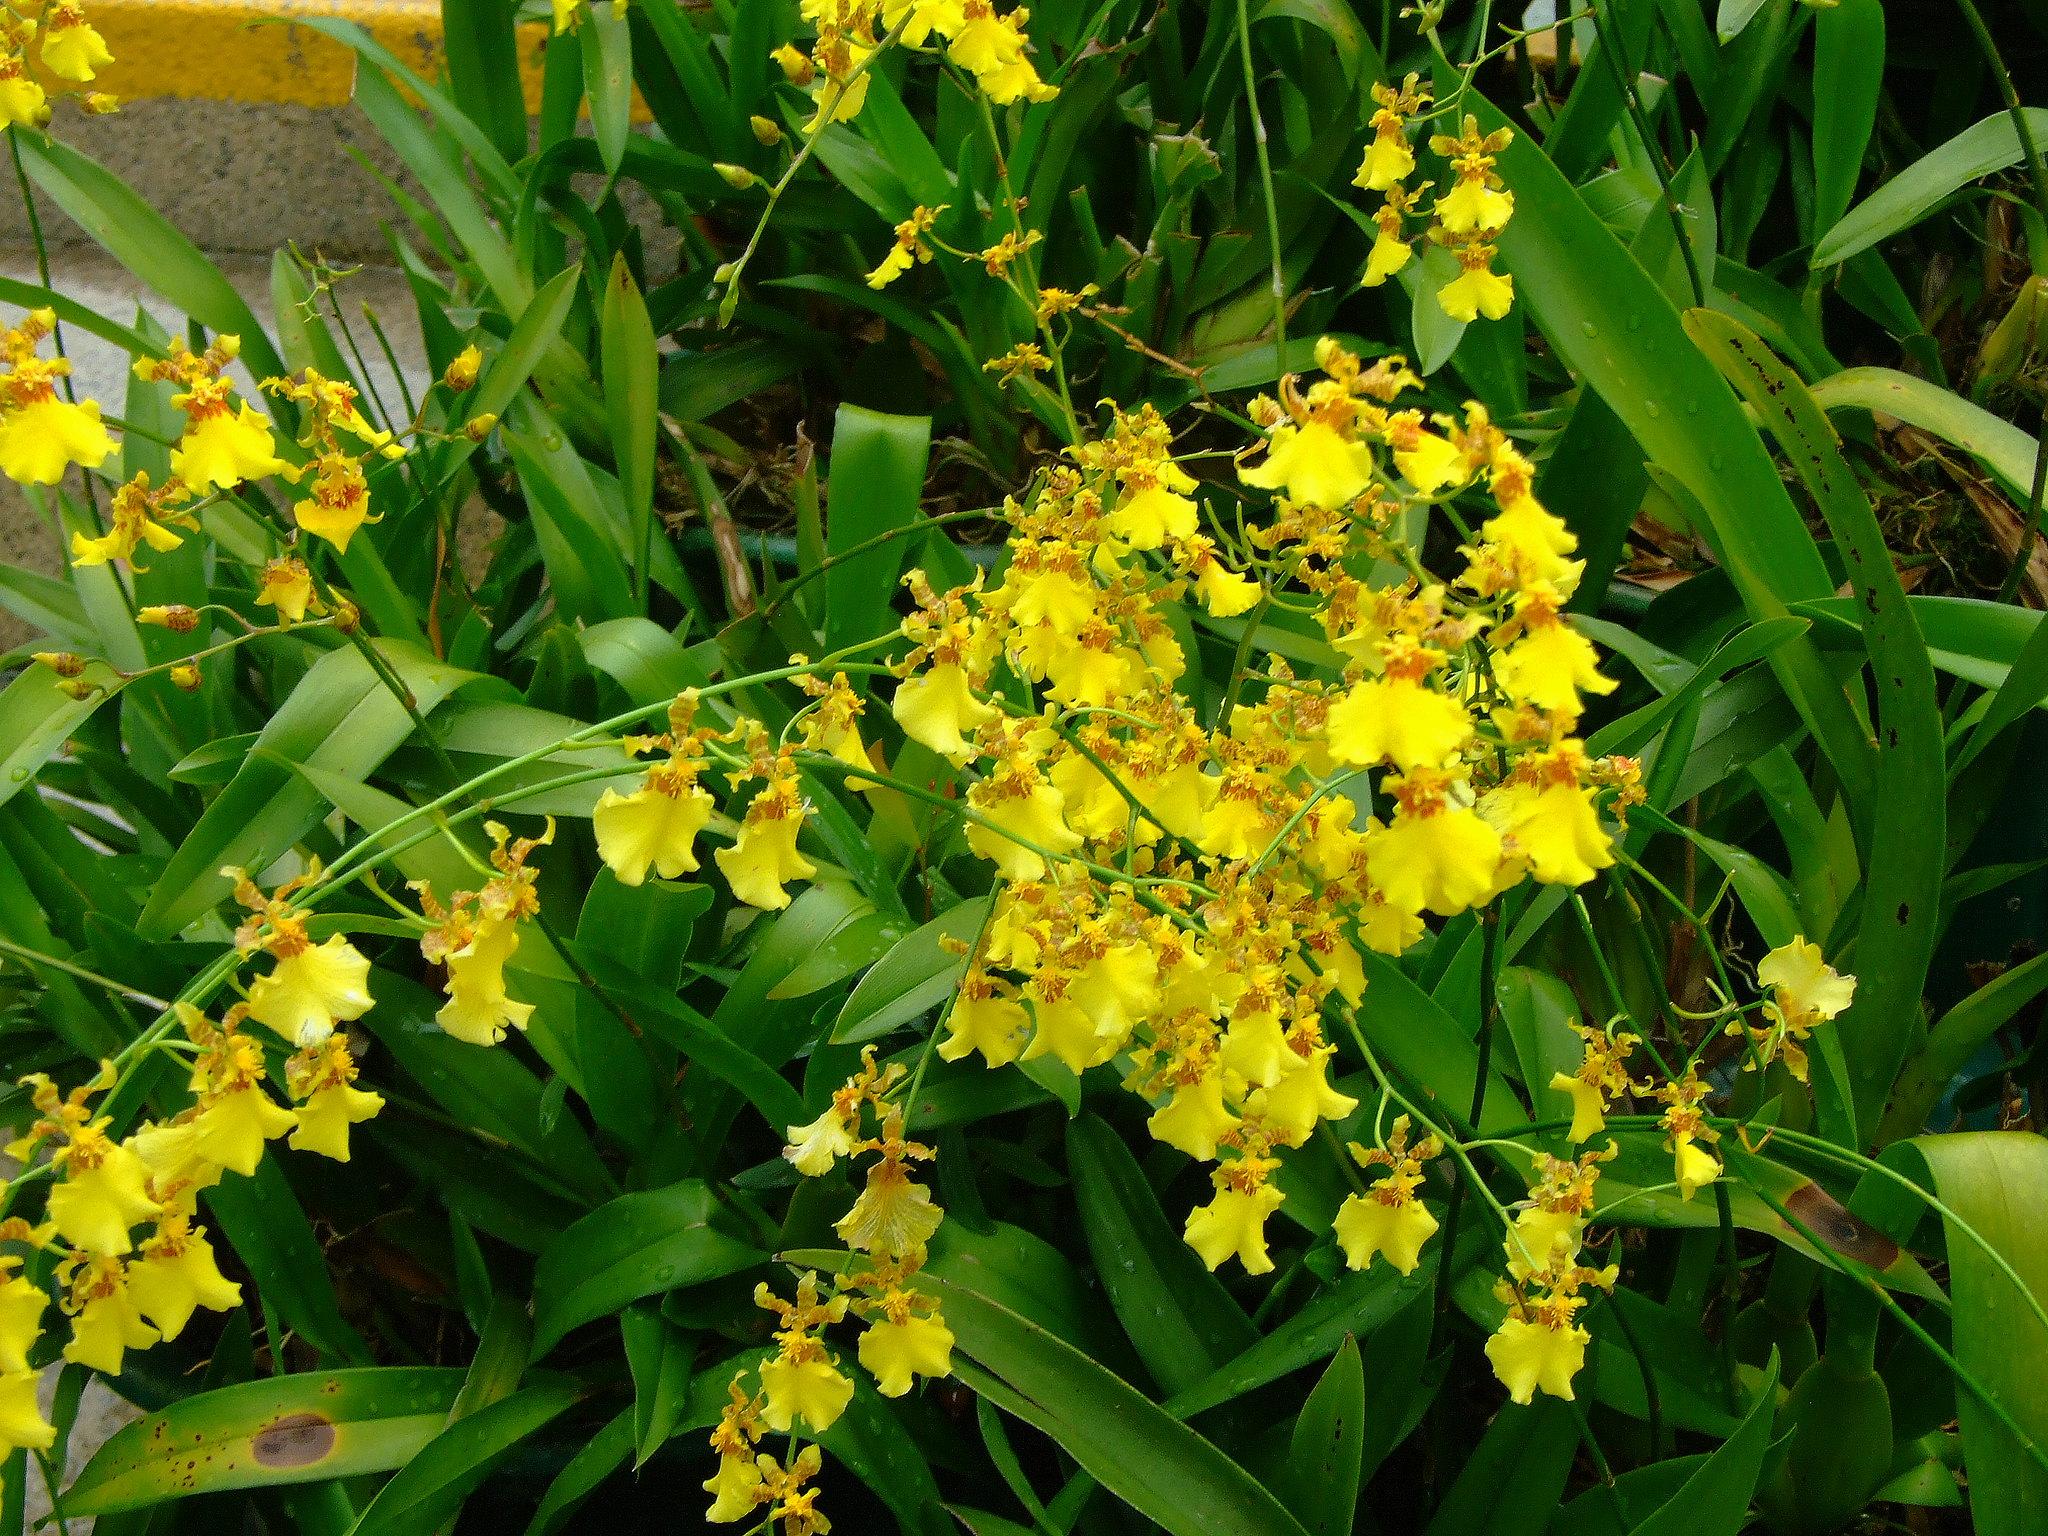 El Oncidium flexuosum produce flores amarillas